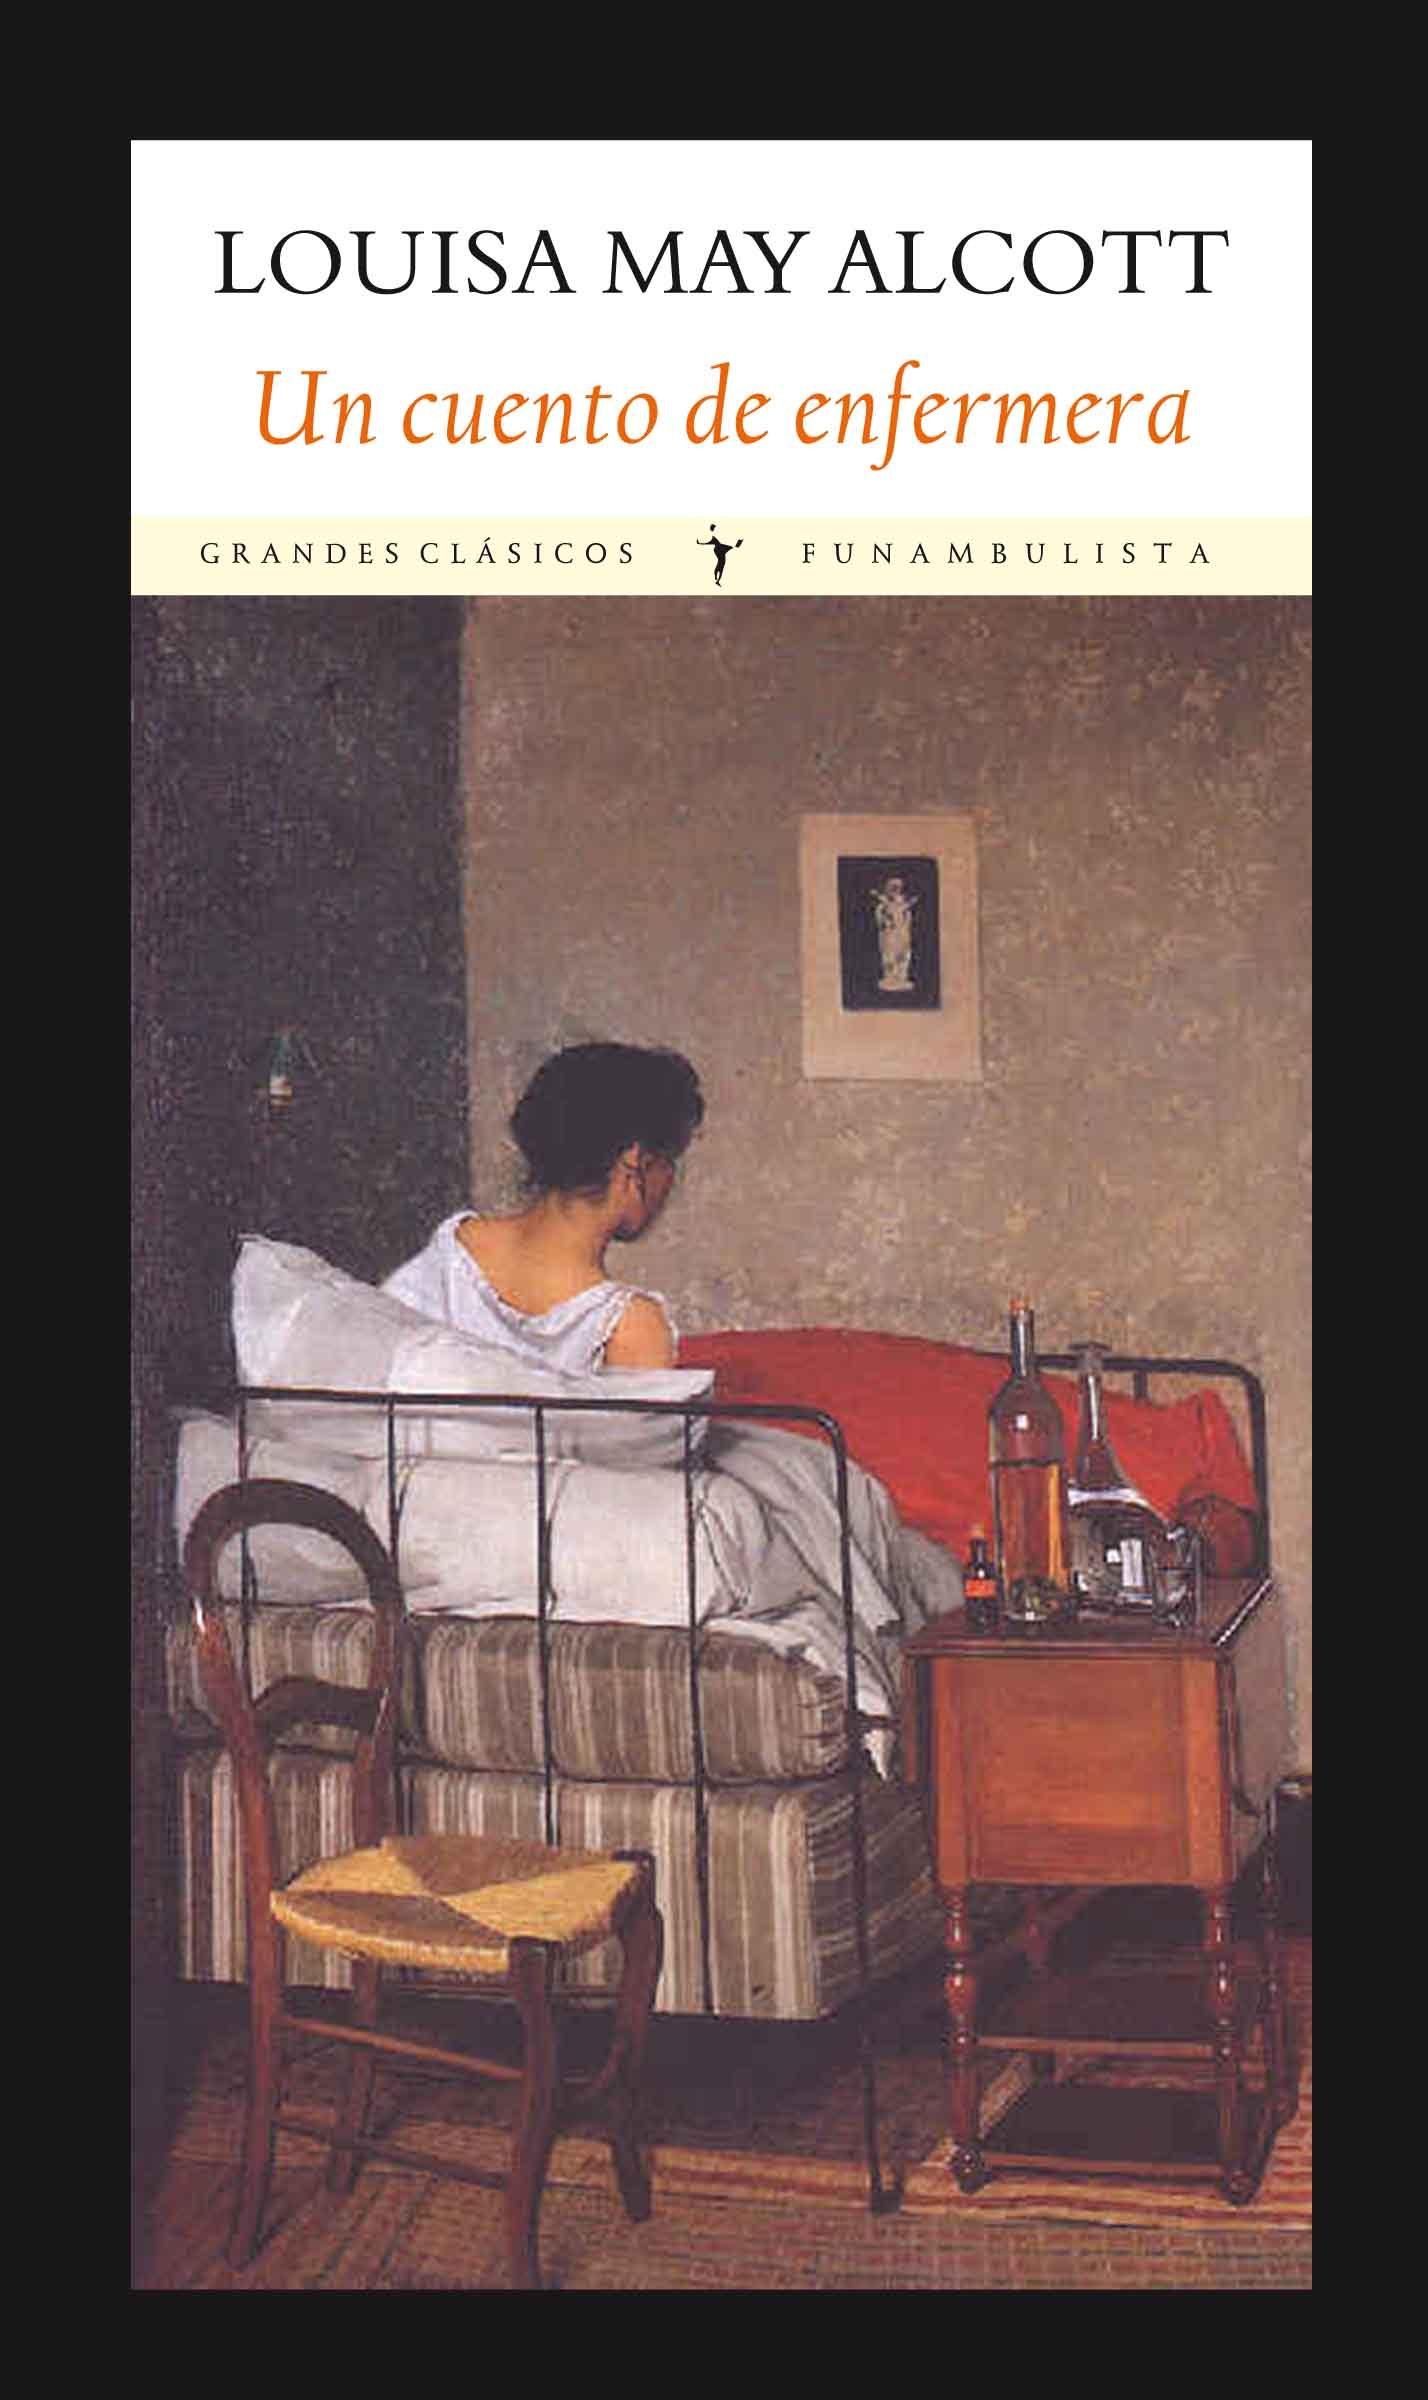 Un cuento de enfermera - Louisa May Alcott 9788494147579